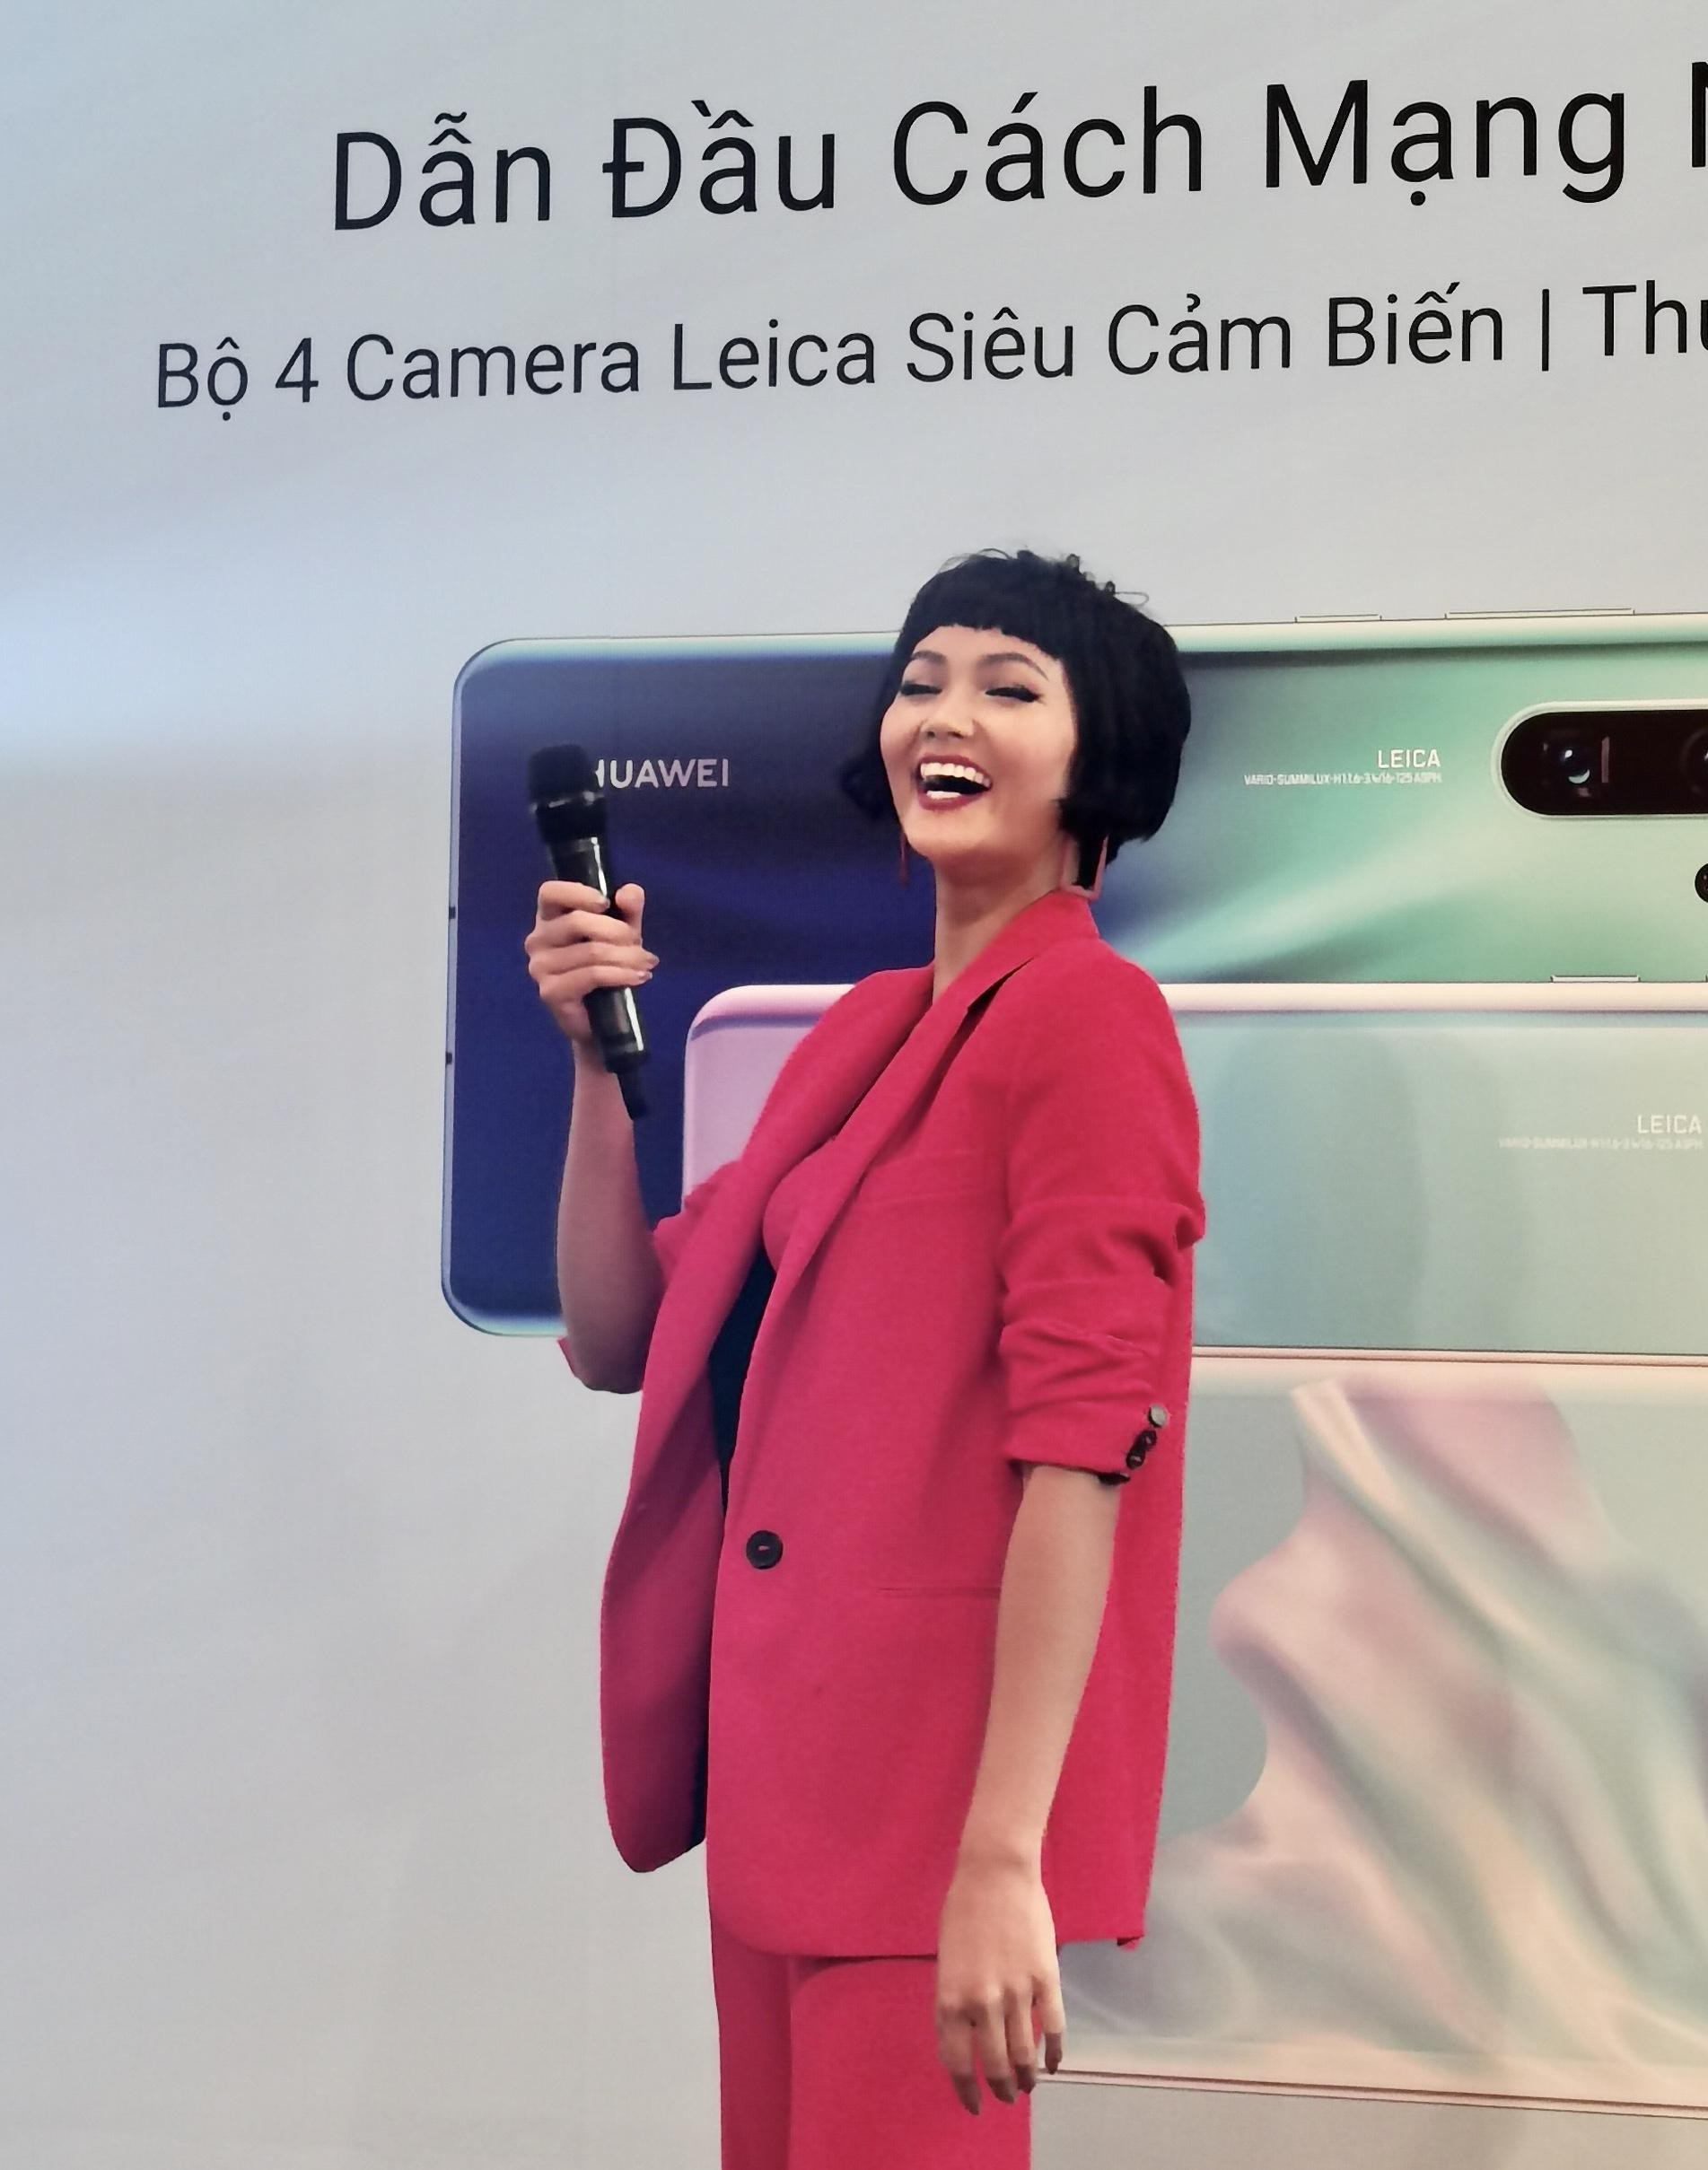 """Cùng """"Zoom 50x"""" Hoa hậu HHen Niê tại lễ mở bán P30 Series - Ảnh 3."""